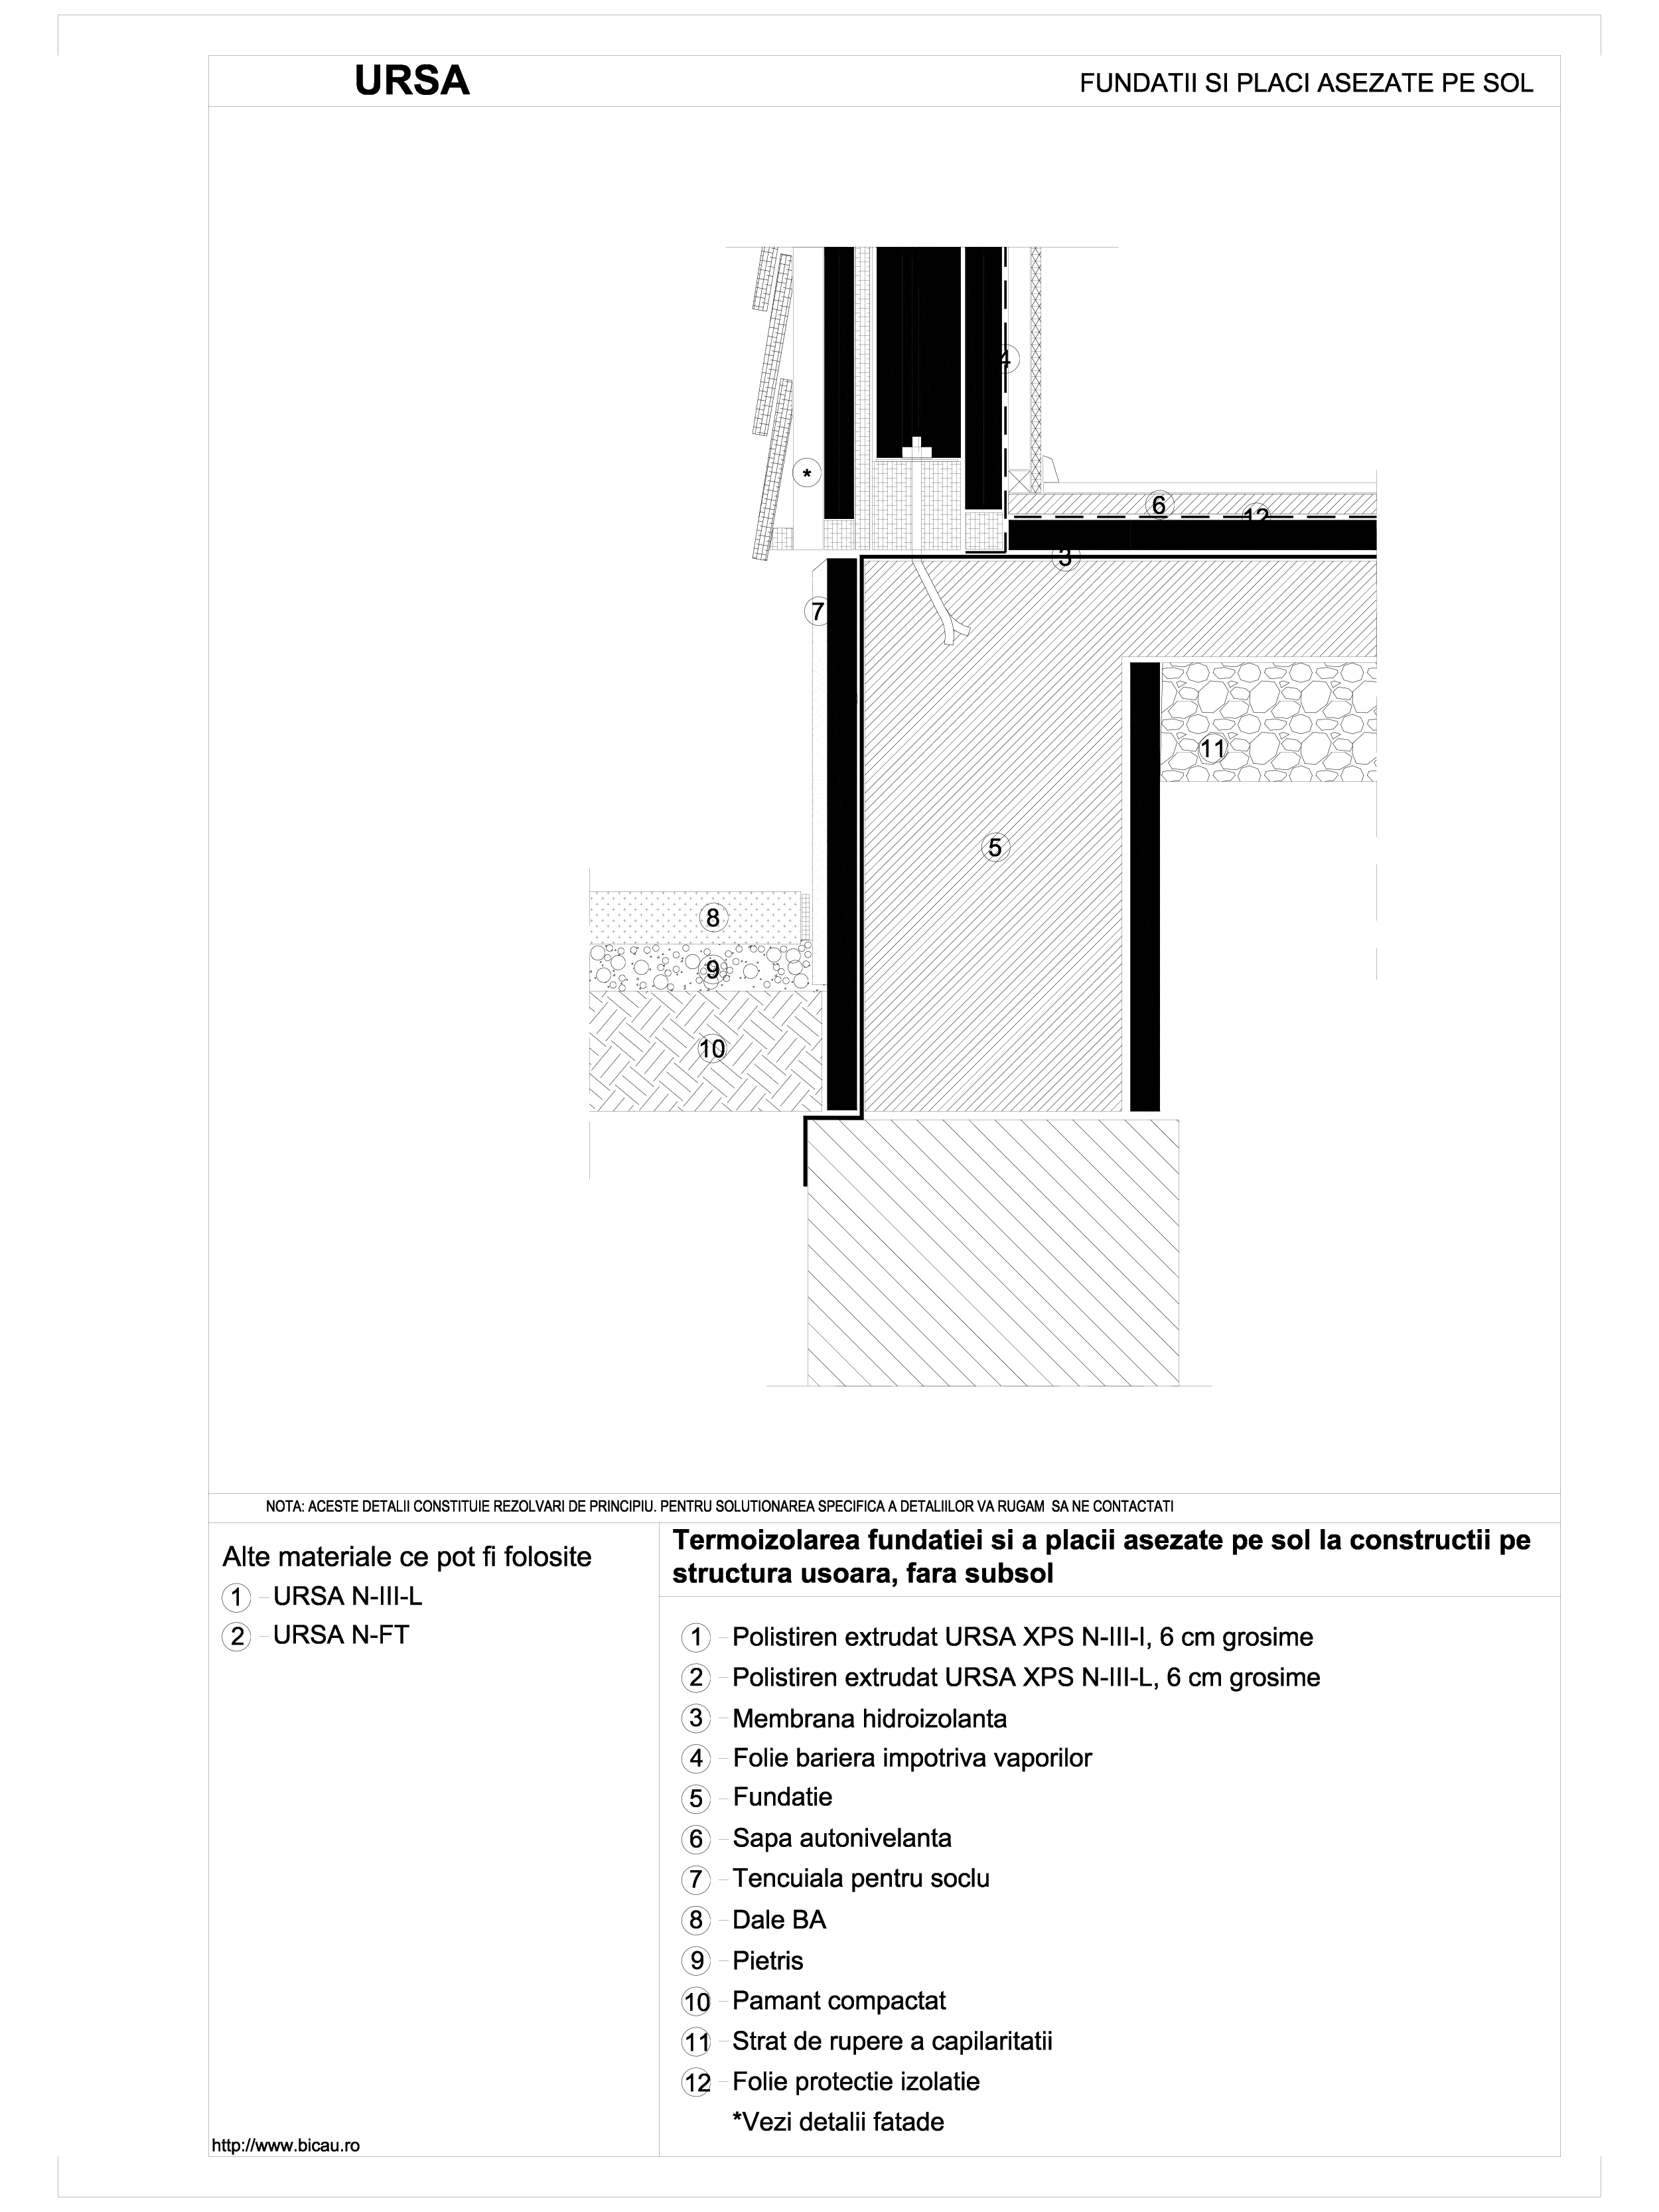 Termoizolarea fundatiei si a placii asezate pe sol la constructii pe structura usoara, fara subsol URSA Vata minerala de sticla pentru fatade ventilate URSA ROMANIA   - Pagina 1